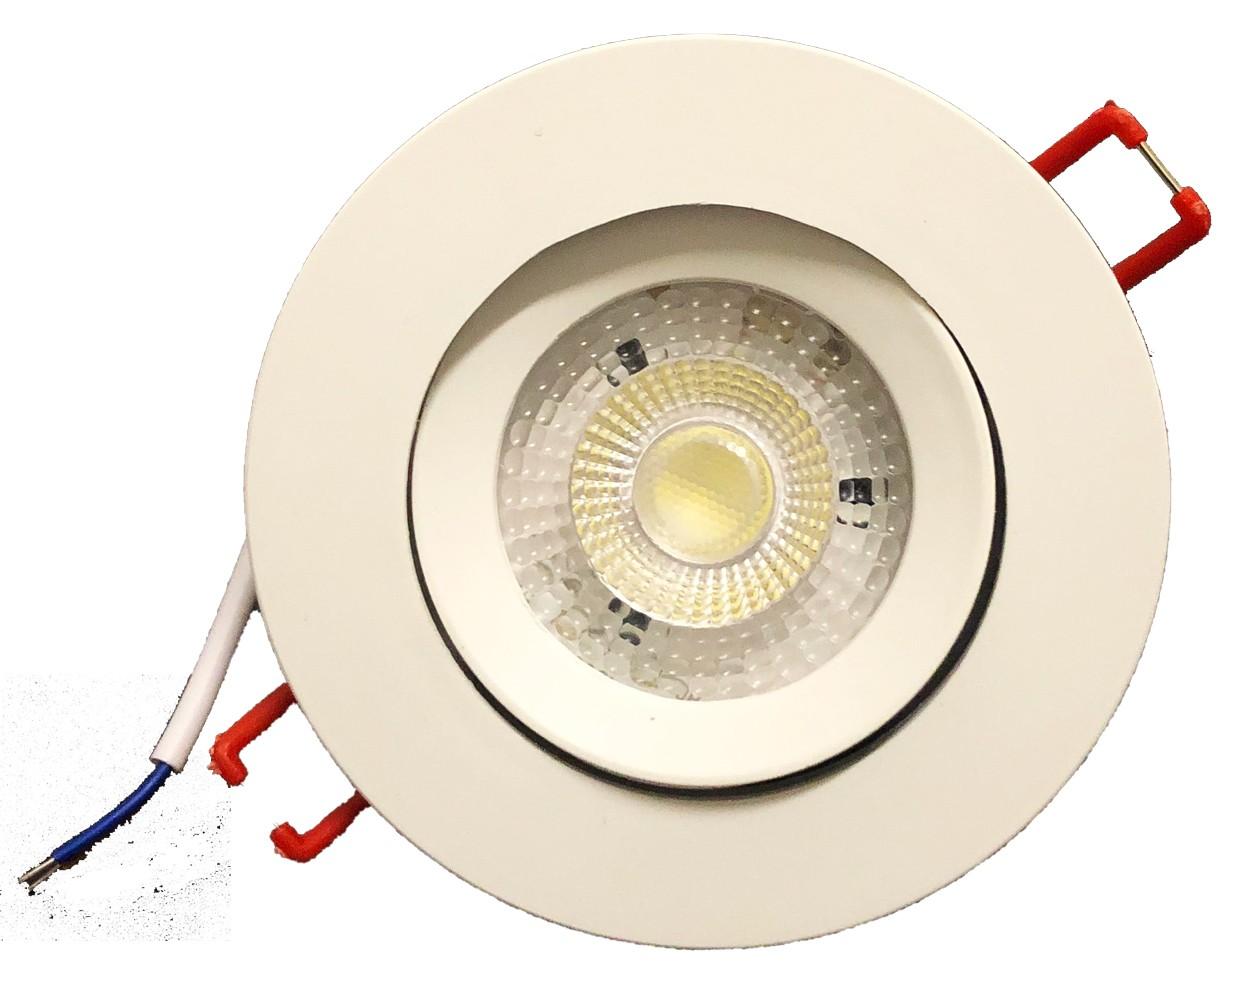 Kit 7 Spot Super Led 3w Branco Frio e 3 branco quente